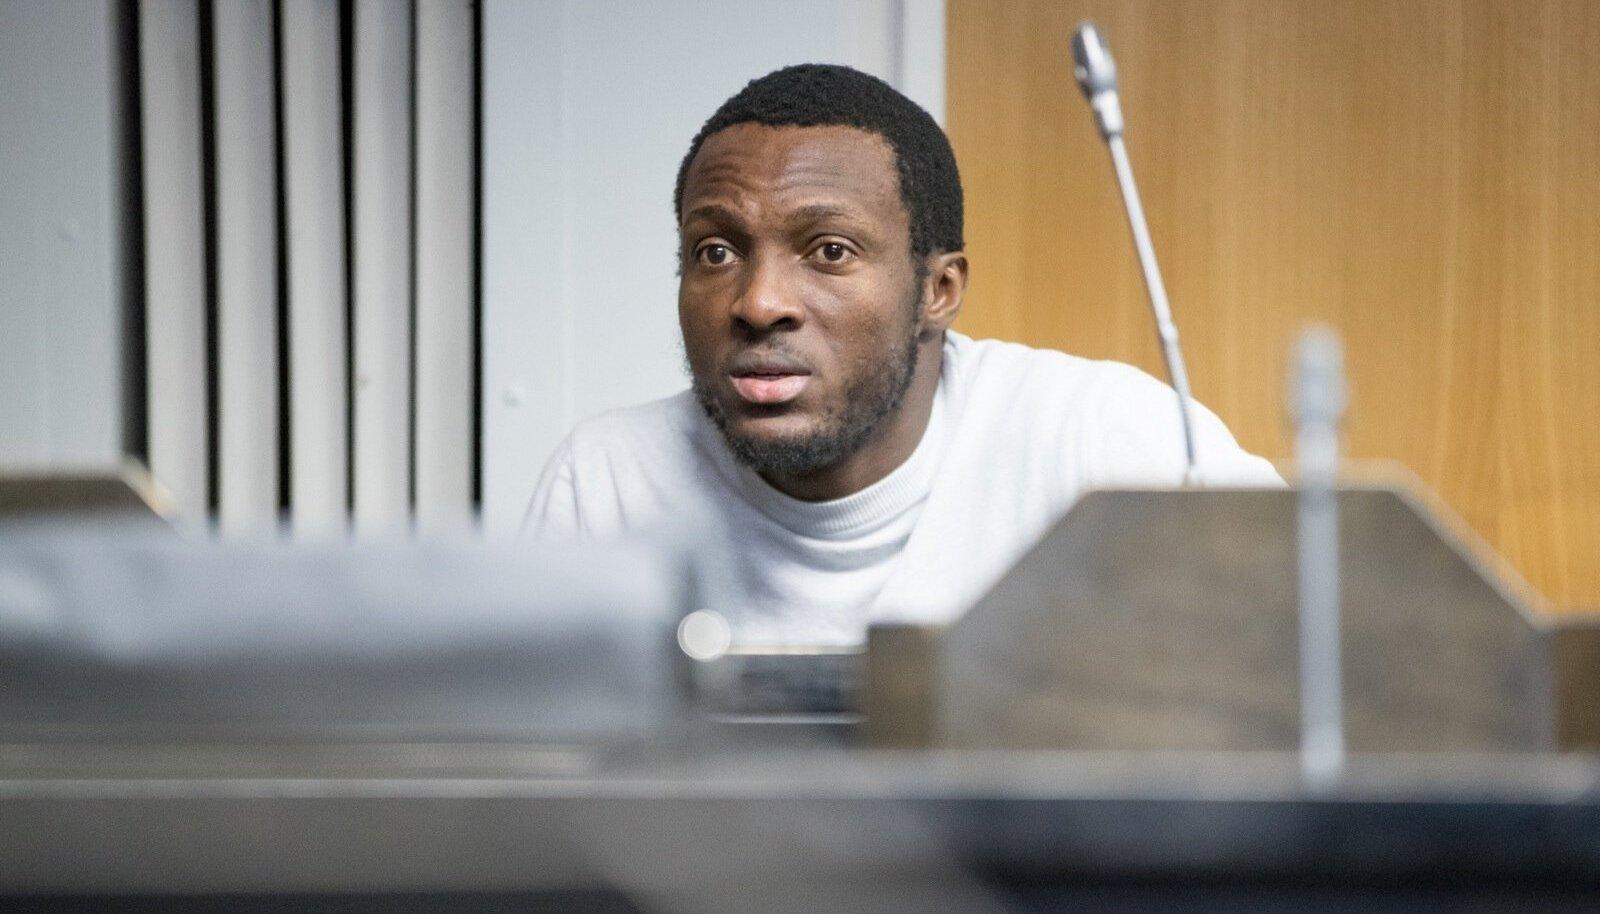 Kahest Nigeeria päritolu mehest sai karmima karistuse Sesan Idowu Adesanya, kes peab ka tegelikult trellide taga aega veetma.